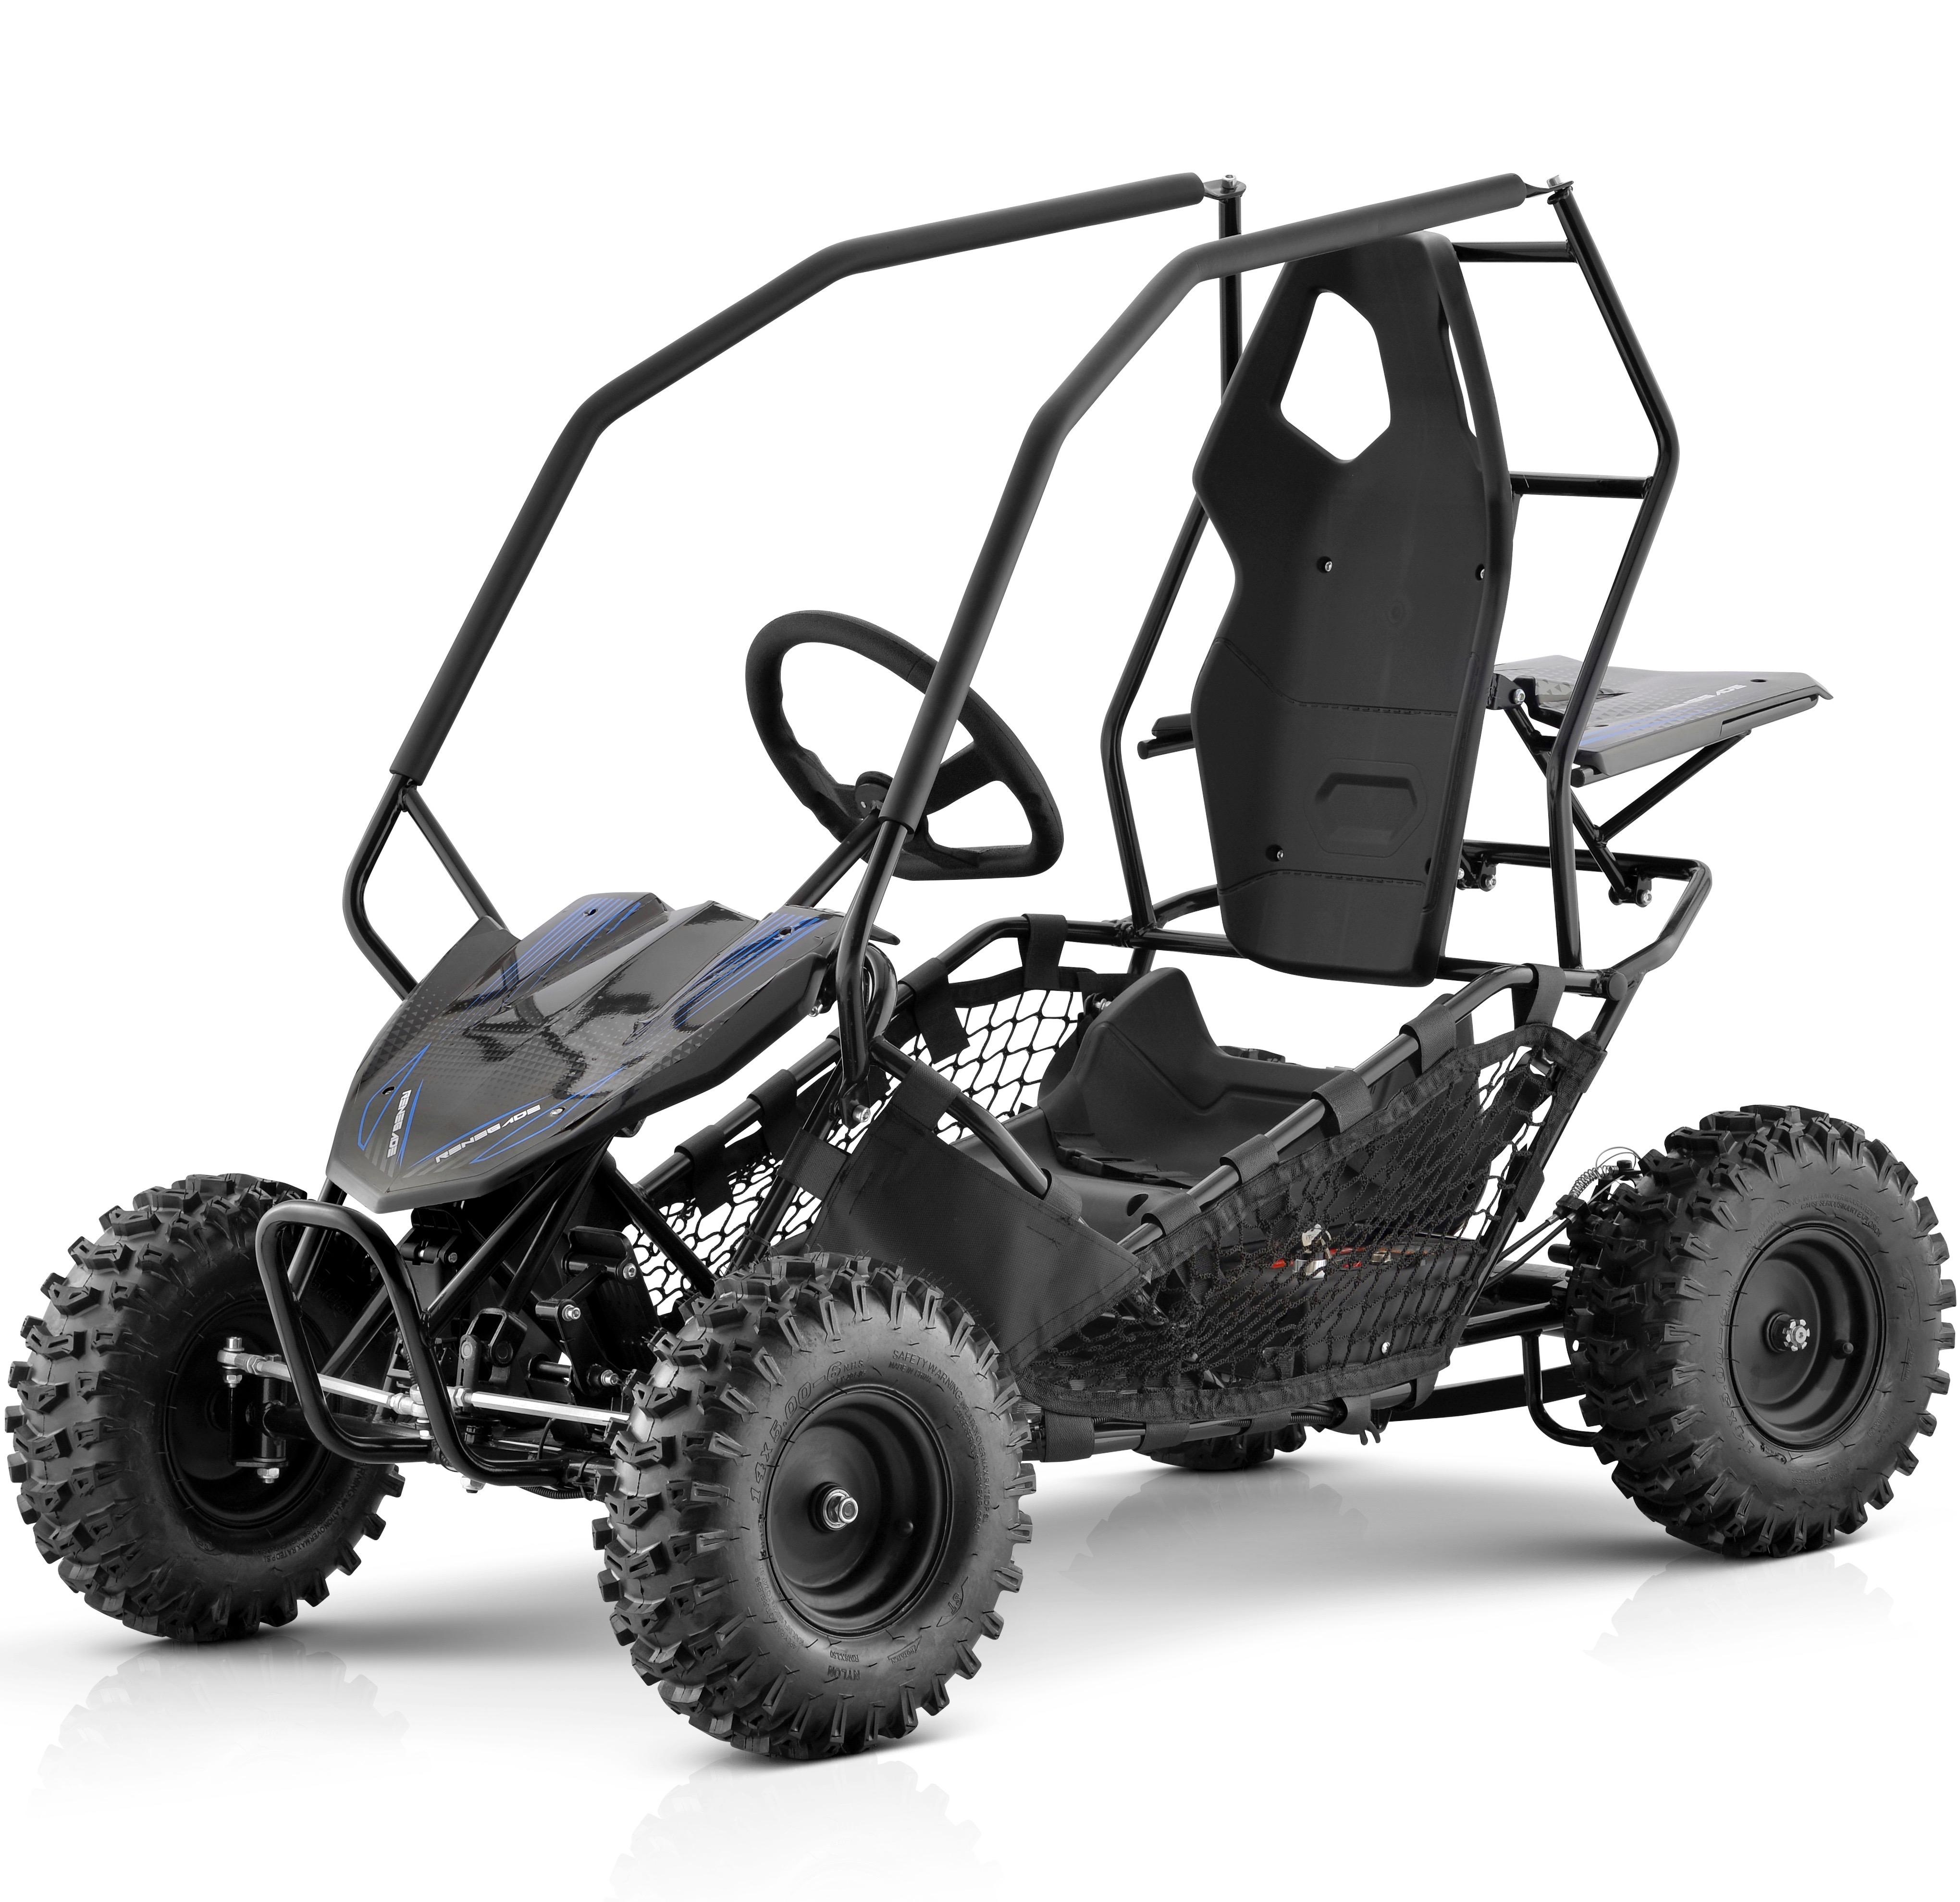 Renegade 36v Gk500 Electric Rechargeable Off Road Go Kart Black Ebay